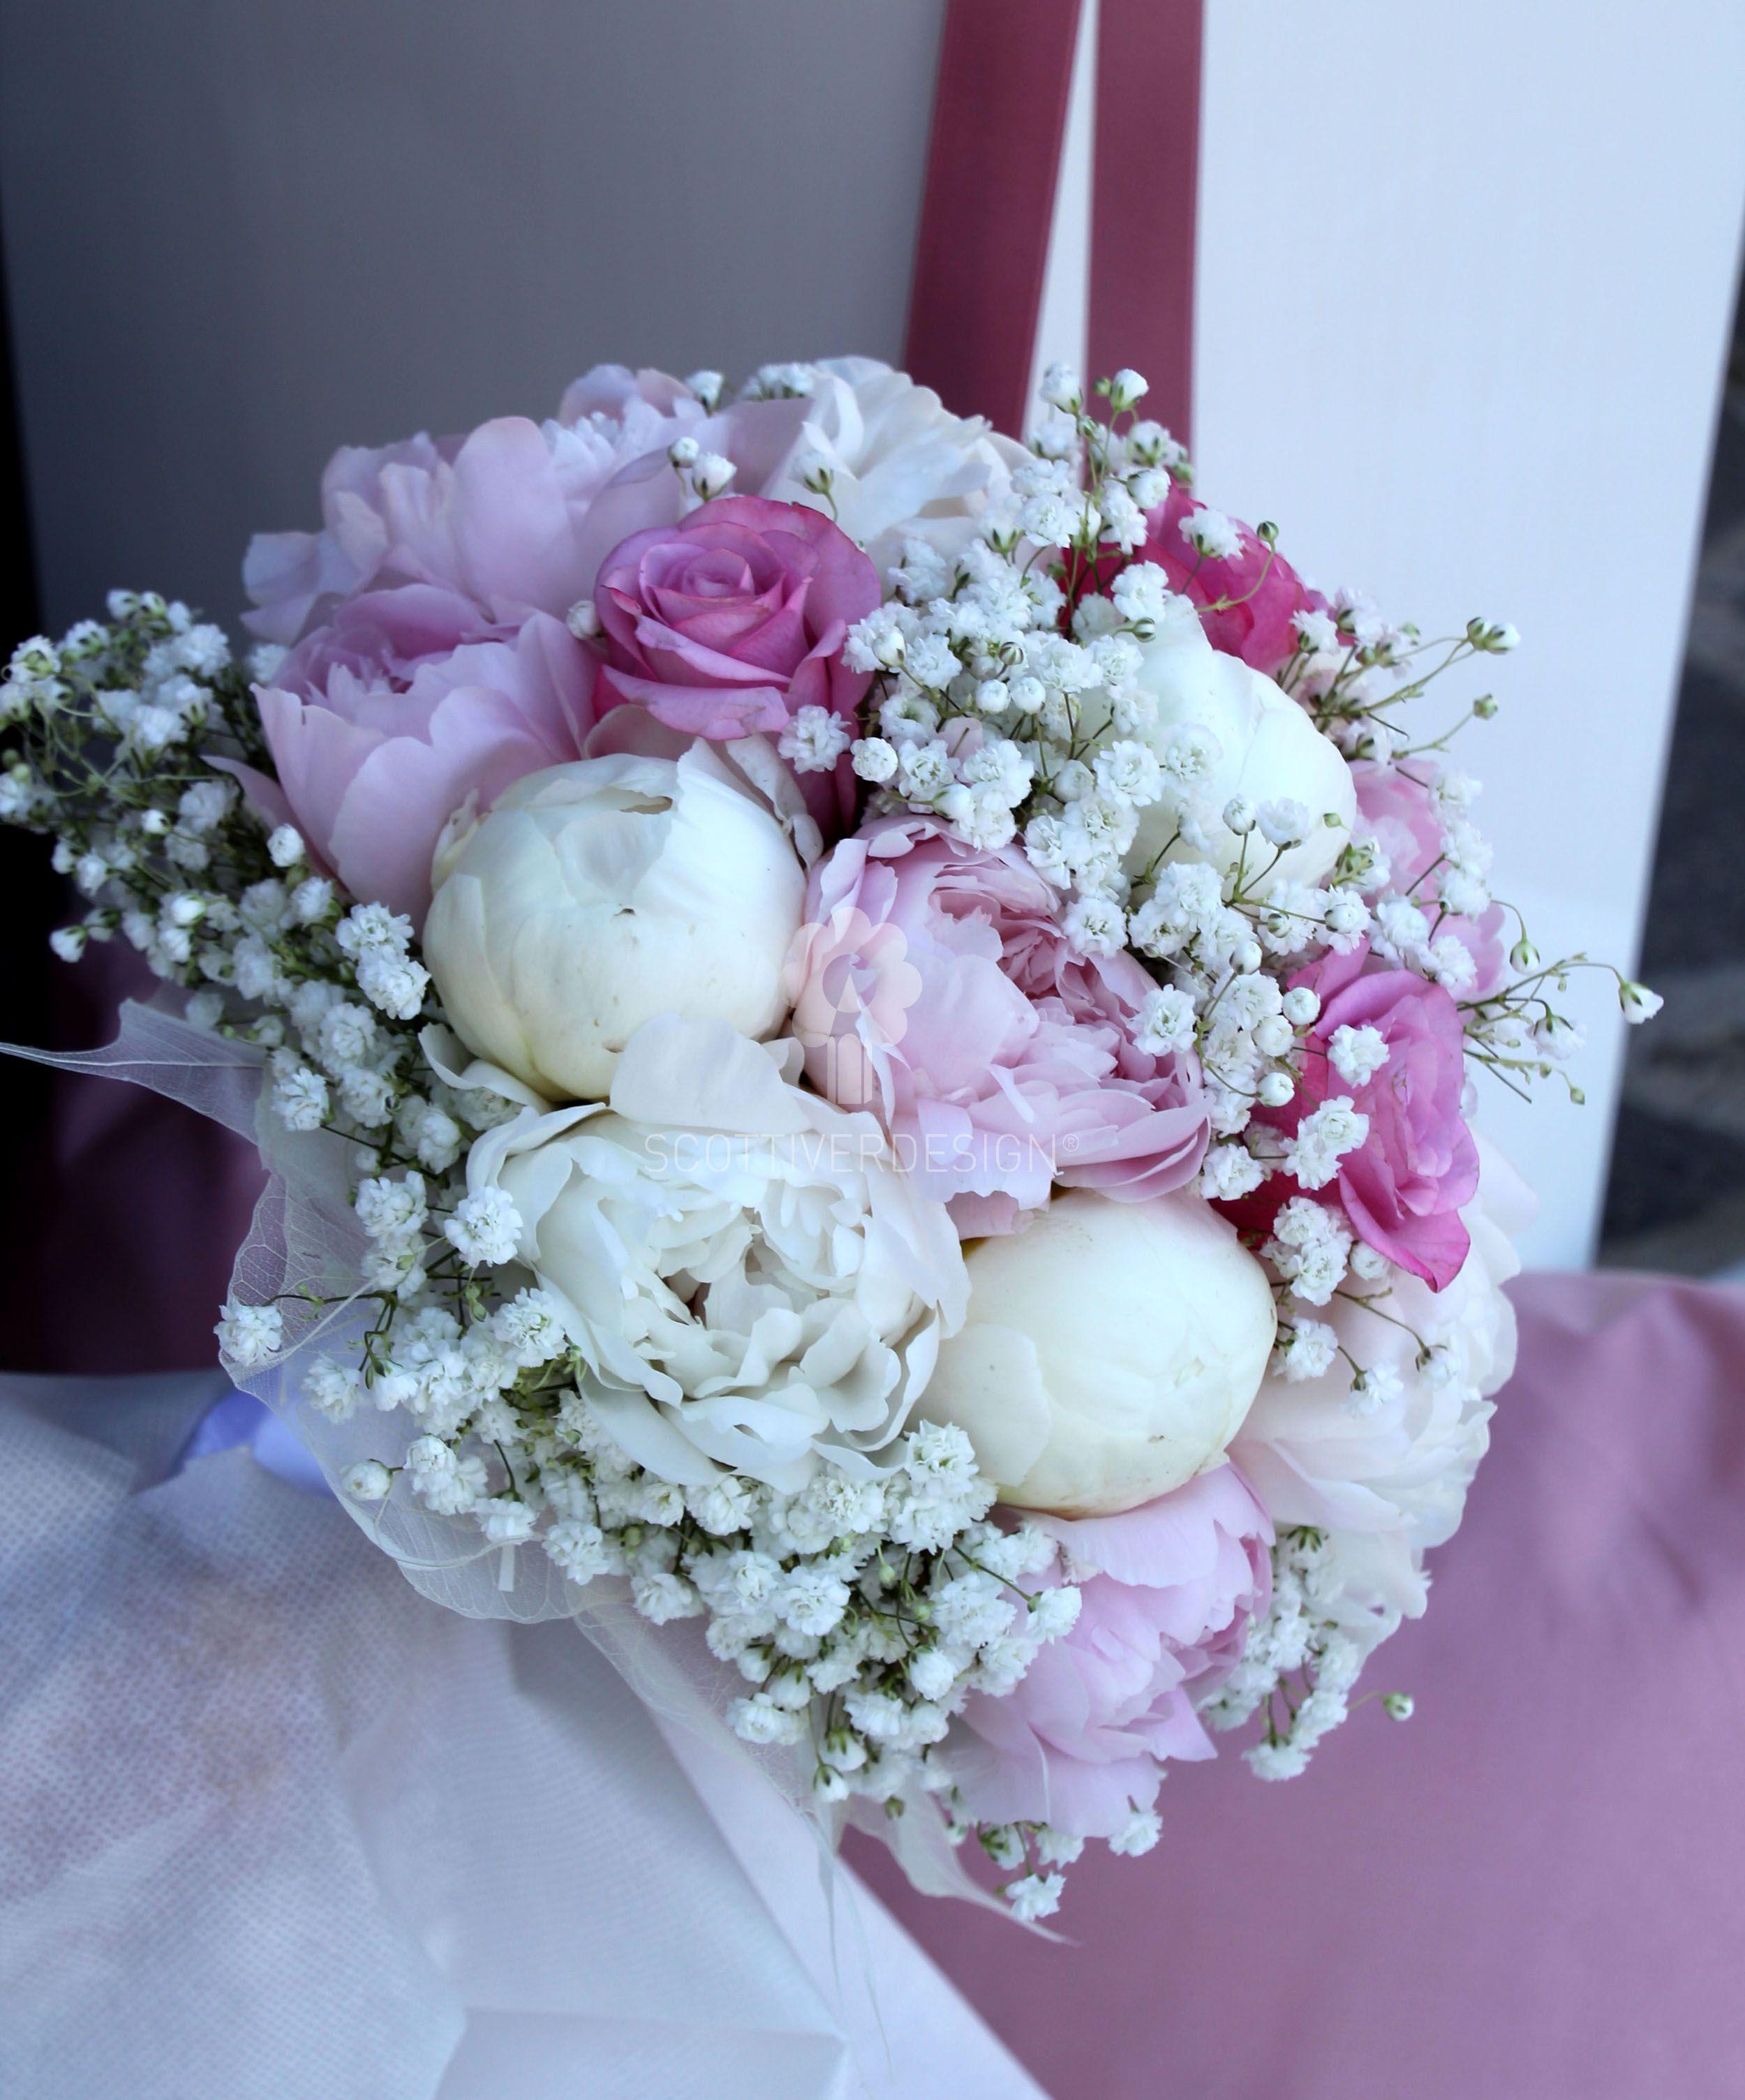 Bouquet Sposa Unica Rosa.Bouquet Per Il Tuo Matrimonio Svadba Svadba